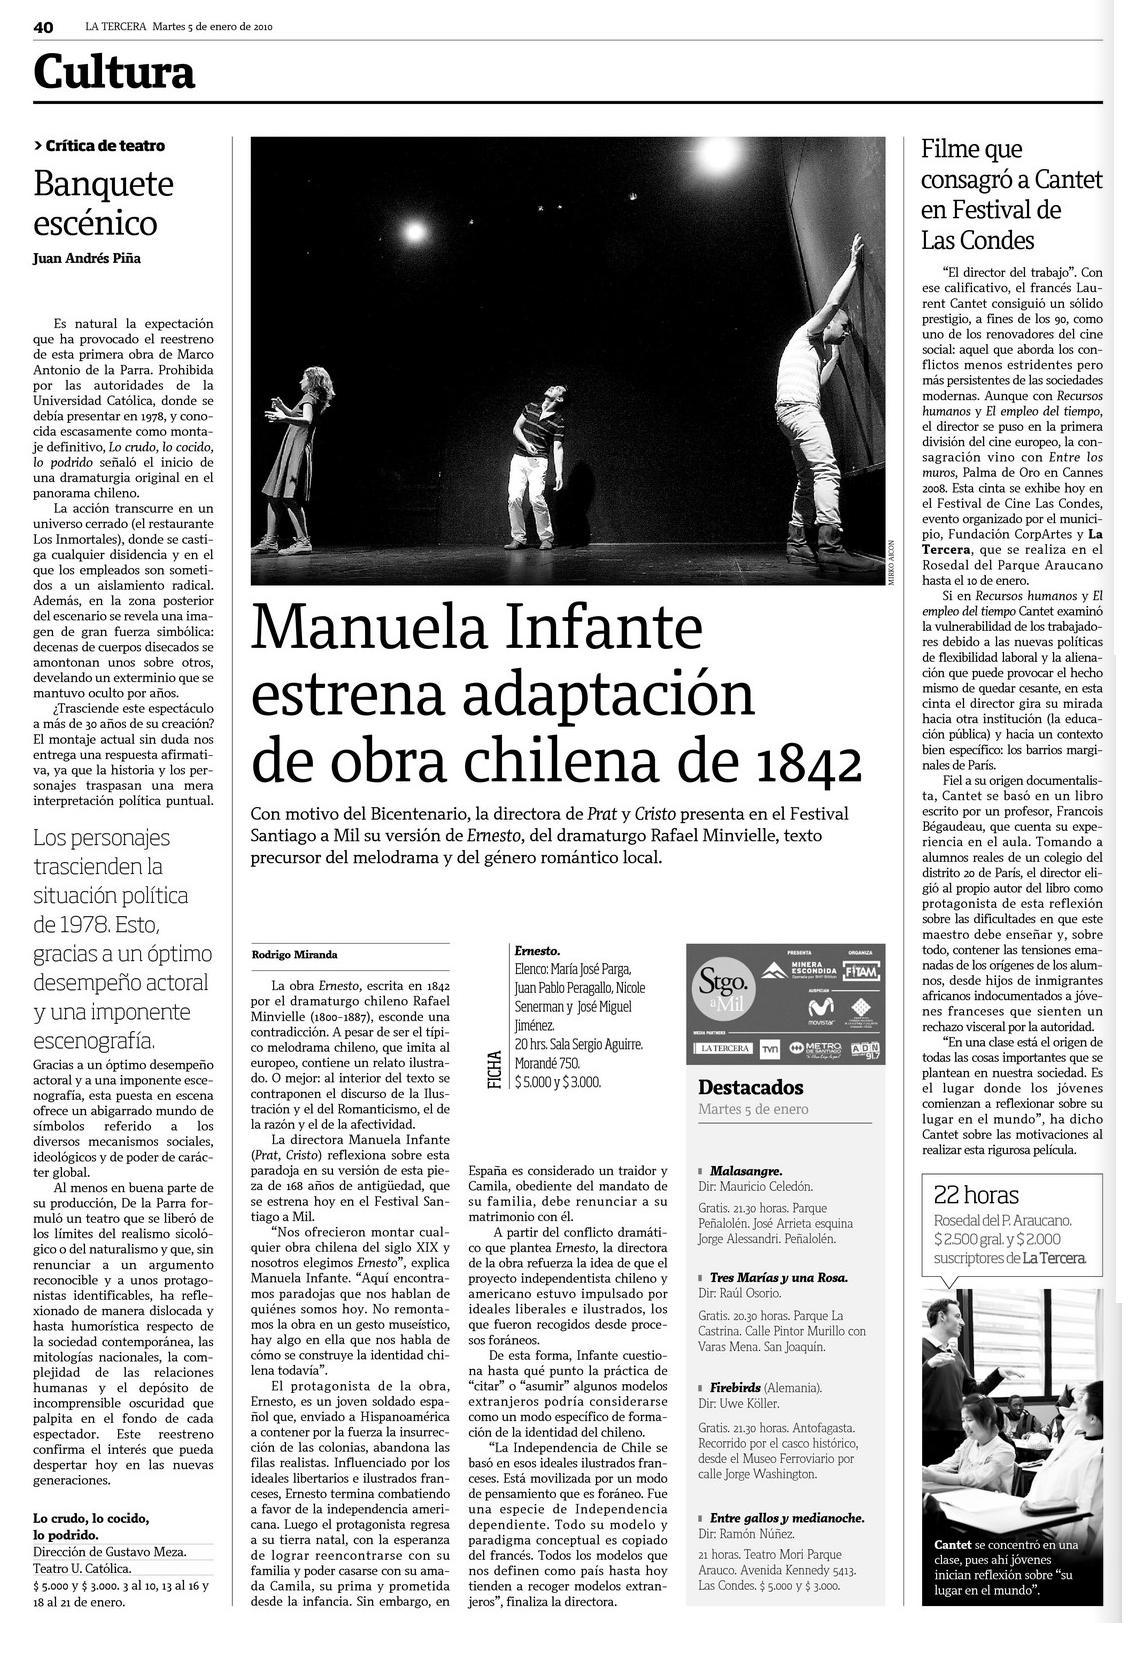 La Tercera. Cultura. 05.01.10. pg40